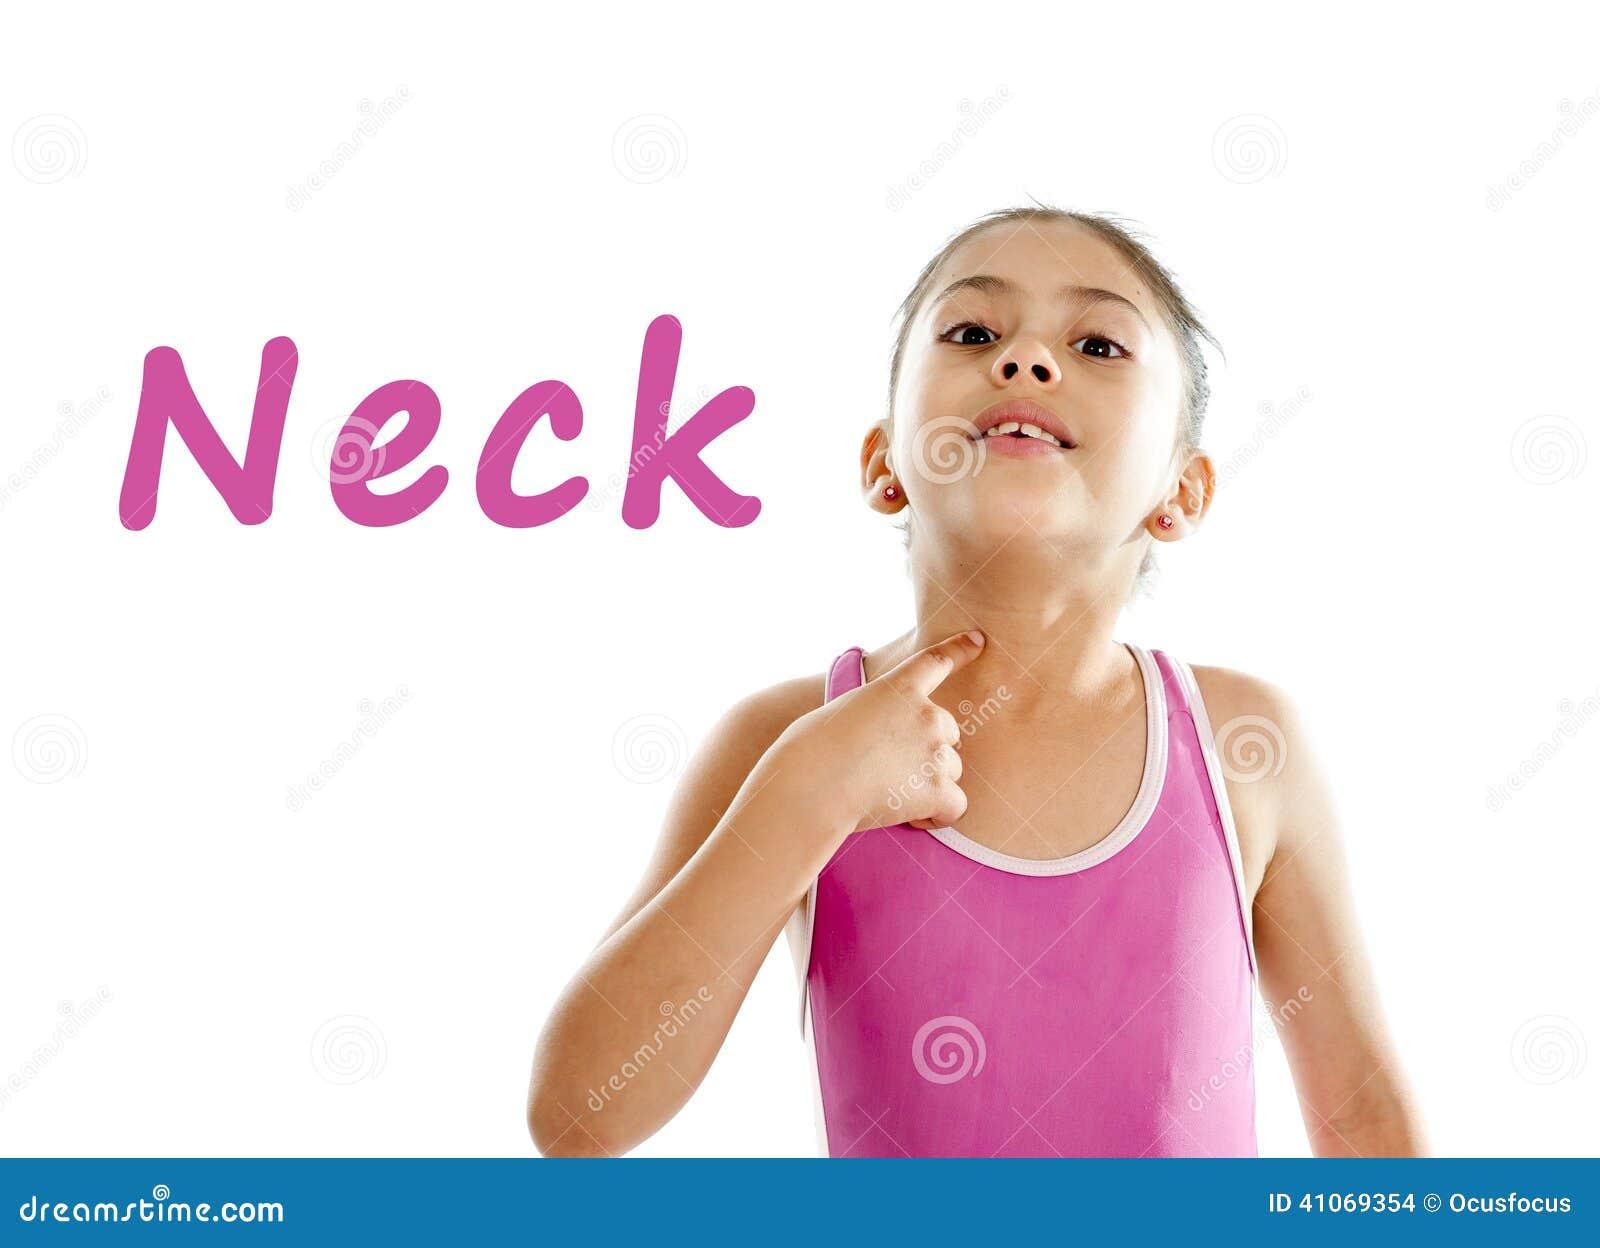 Schoolkaart van meisje het richten op haar hals en keel op witte achtergrond stock foto - Slaapkamer fotos van het meisje ...